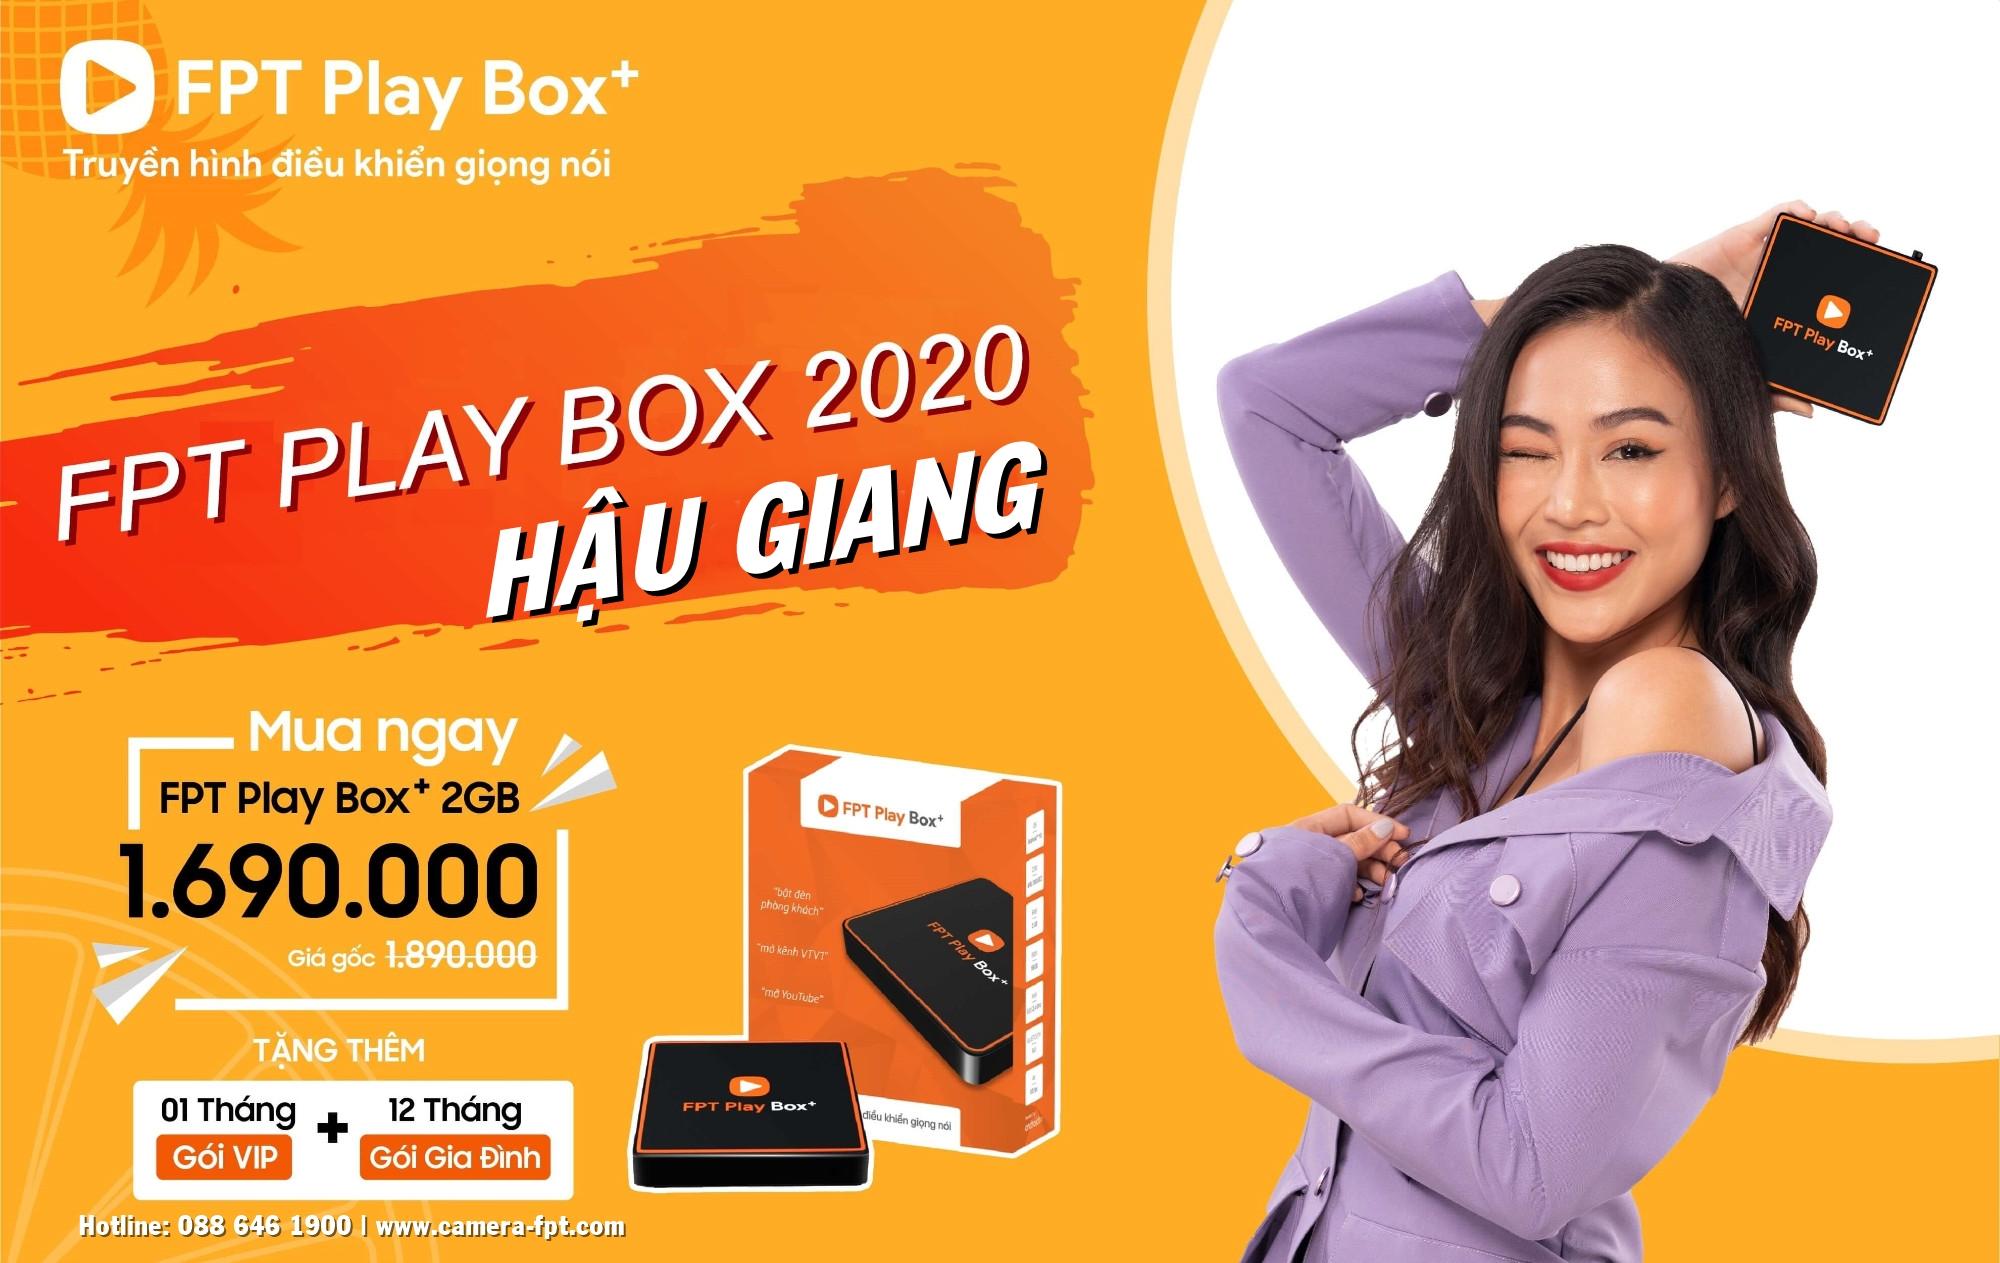 Mua FPT Play BOX tại Hậu Giang ✓ Tặng 12 tháng xem truyền hình cáp miễn phí